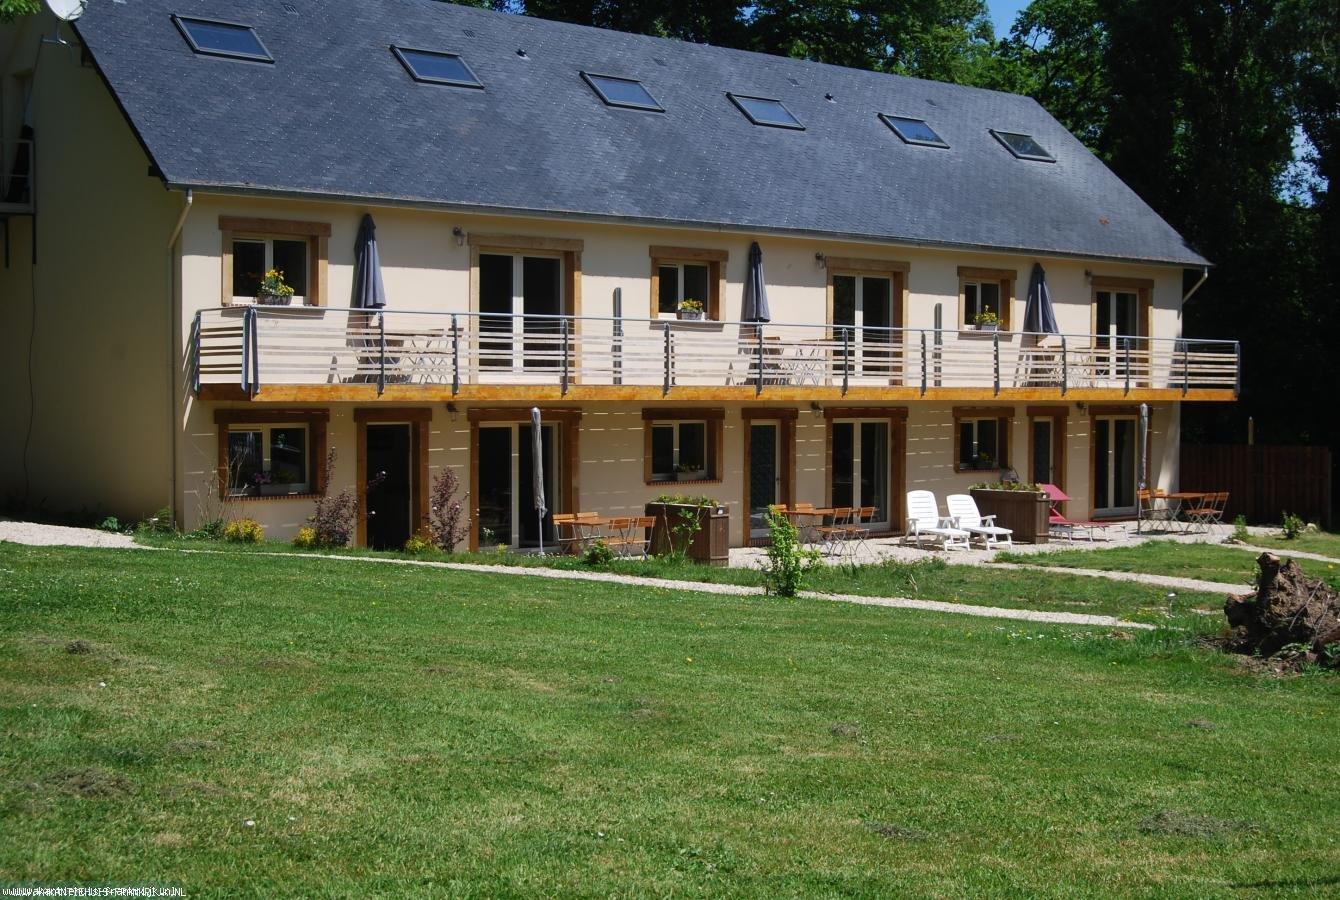 Vakantiehuis: Dichtbij, anders... Historisch en culinair Normandië... te huur voor uw vakantie in Seine Maritime (Frankrijk)